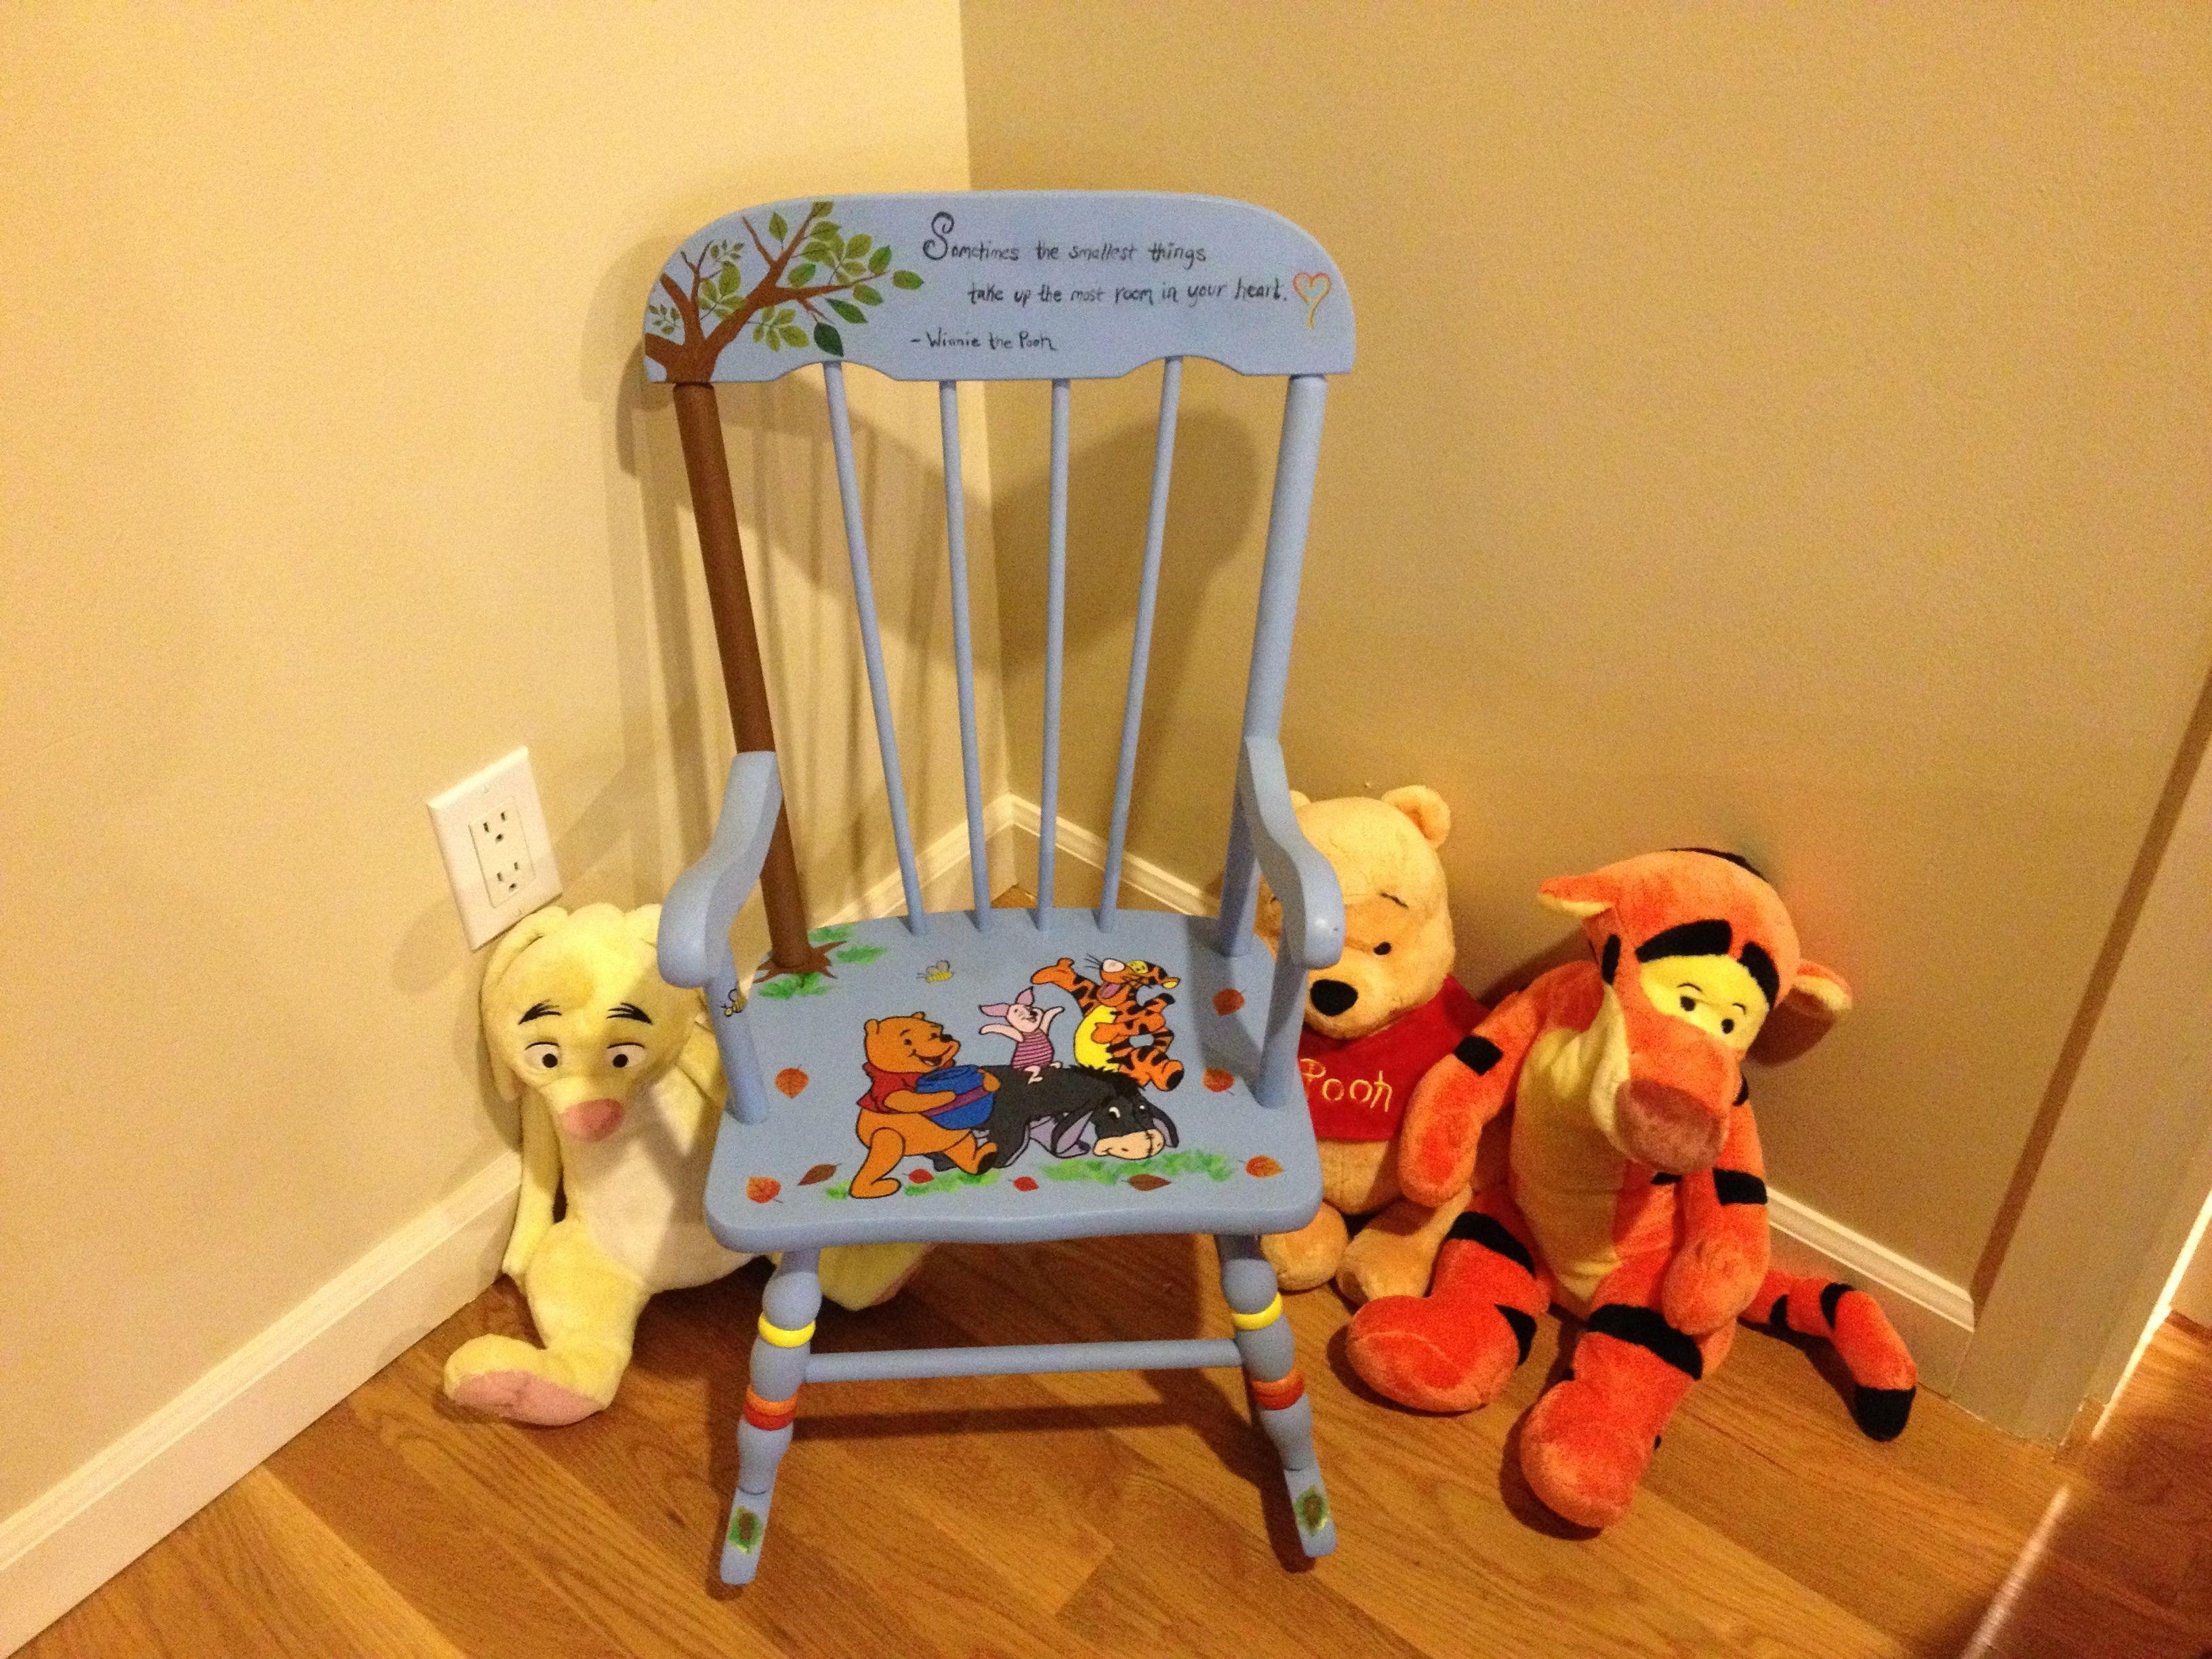 Fun Winnie the Pooh chair